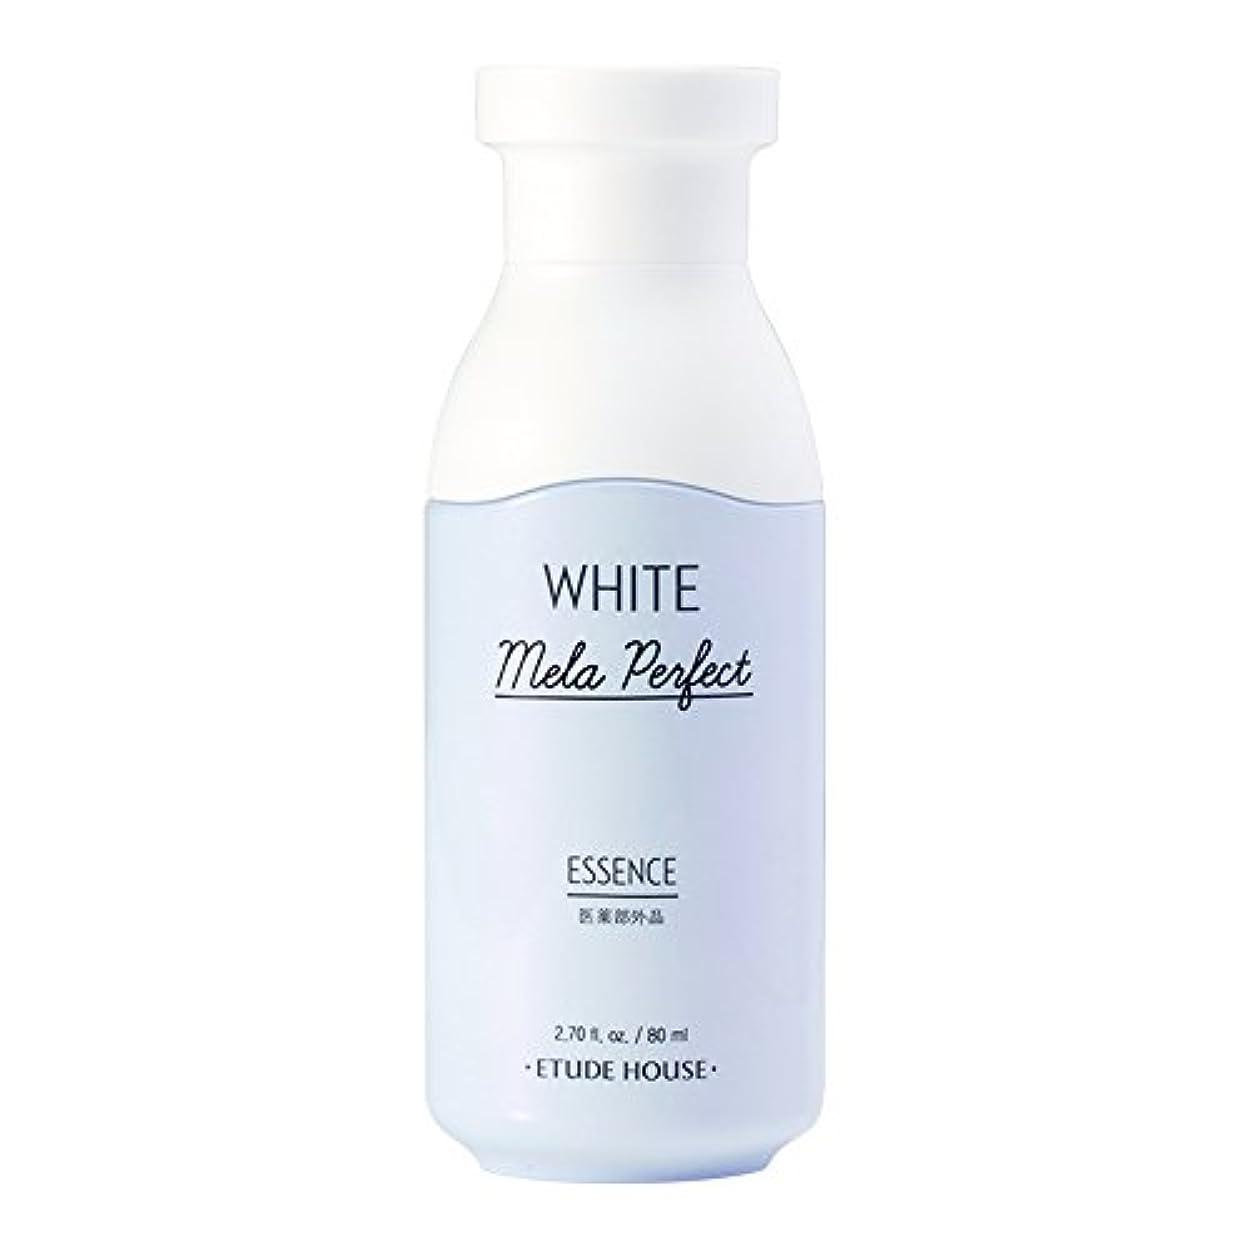 鎮静剤征服者小説家エチュードハウス(ETUDE HOUSE) ホワイトメラパーフェクト エッセンス「美白美容液」